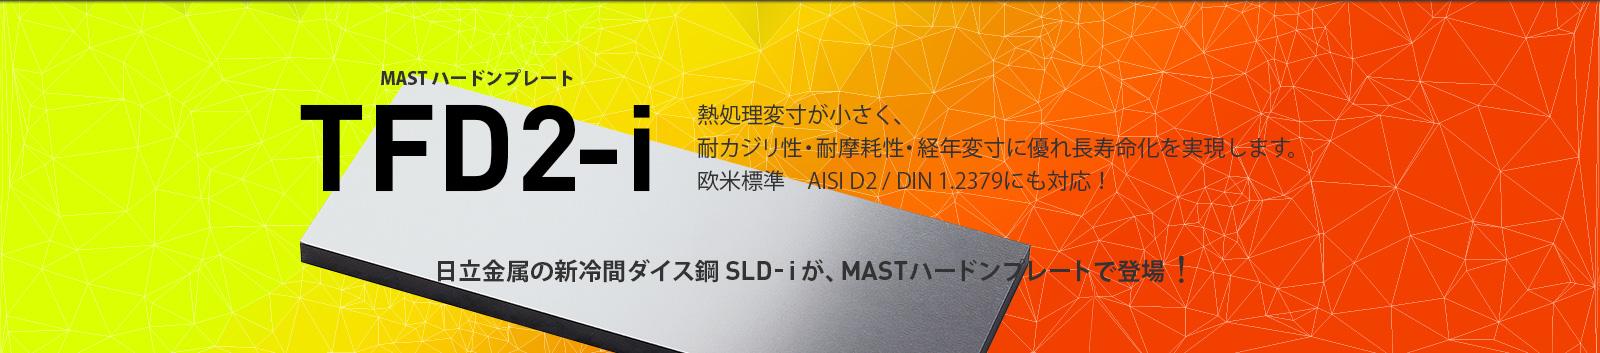 TFD2-i 日立金属の新冷間ダイス鋼SLD-i が、MAST ハードンプレートで登場!